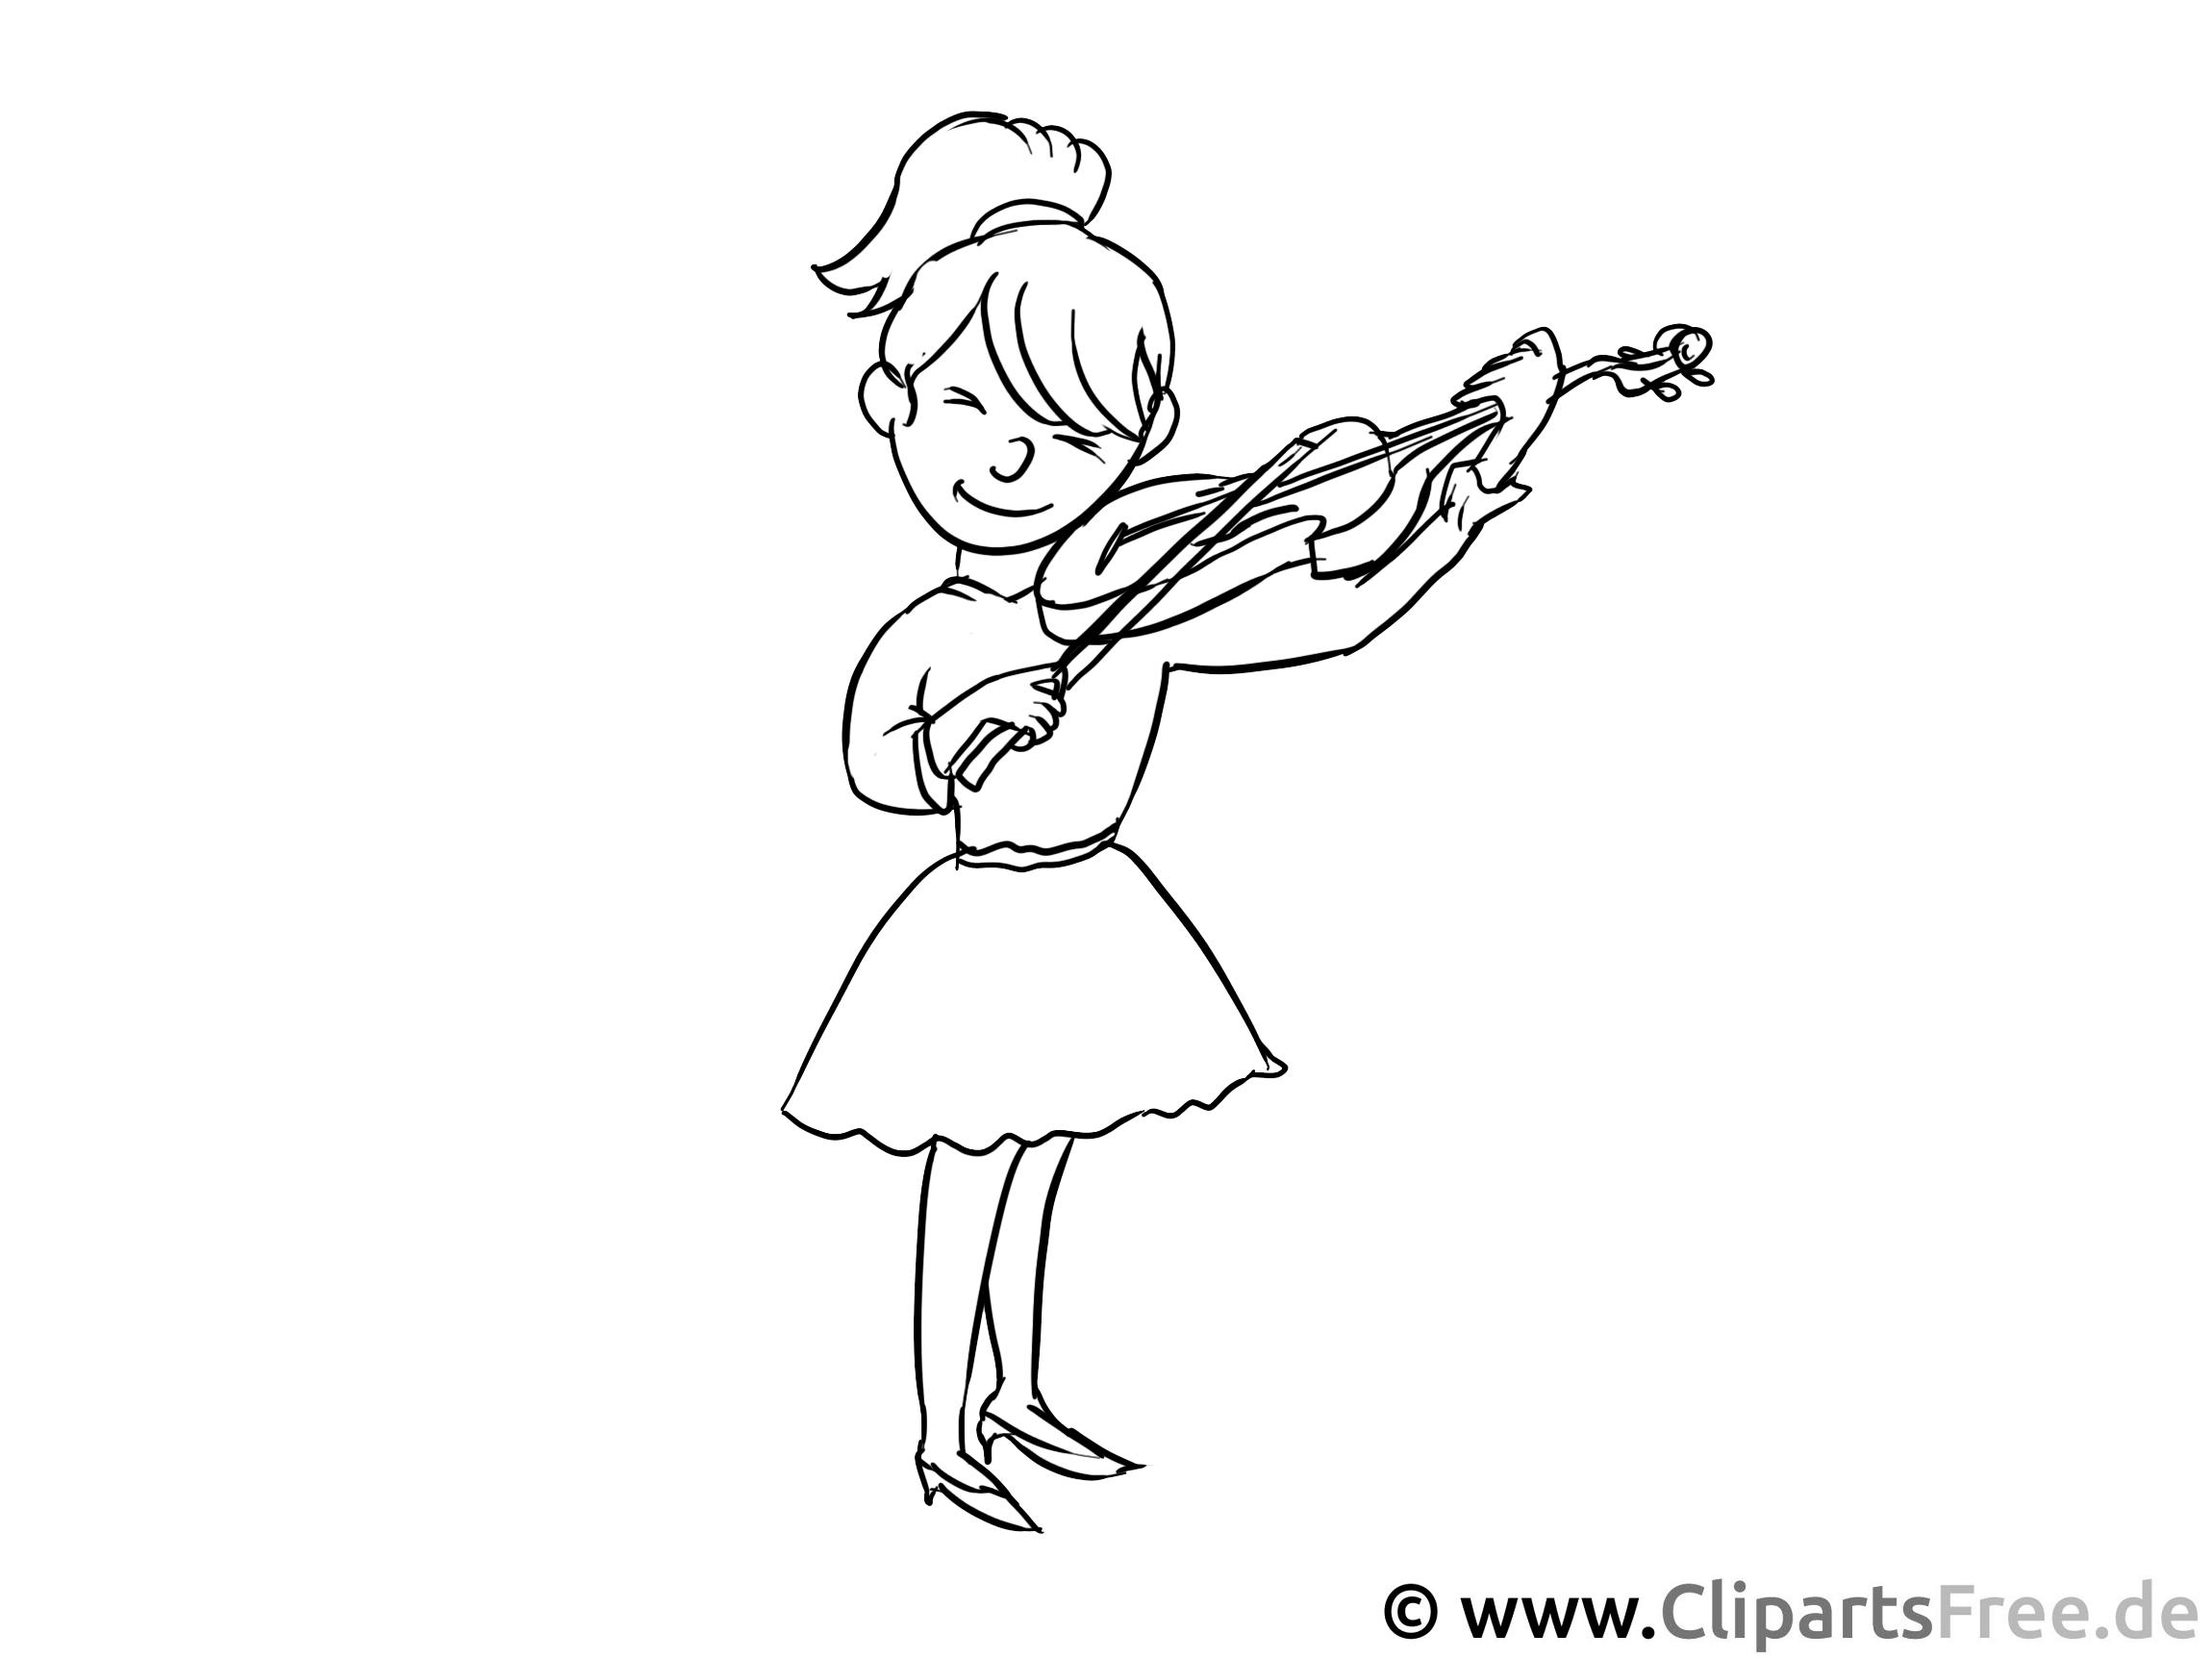 Geigespielerin Malvorlage - Berufe Ausmalbilder für den Unterricht